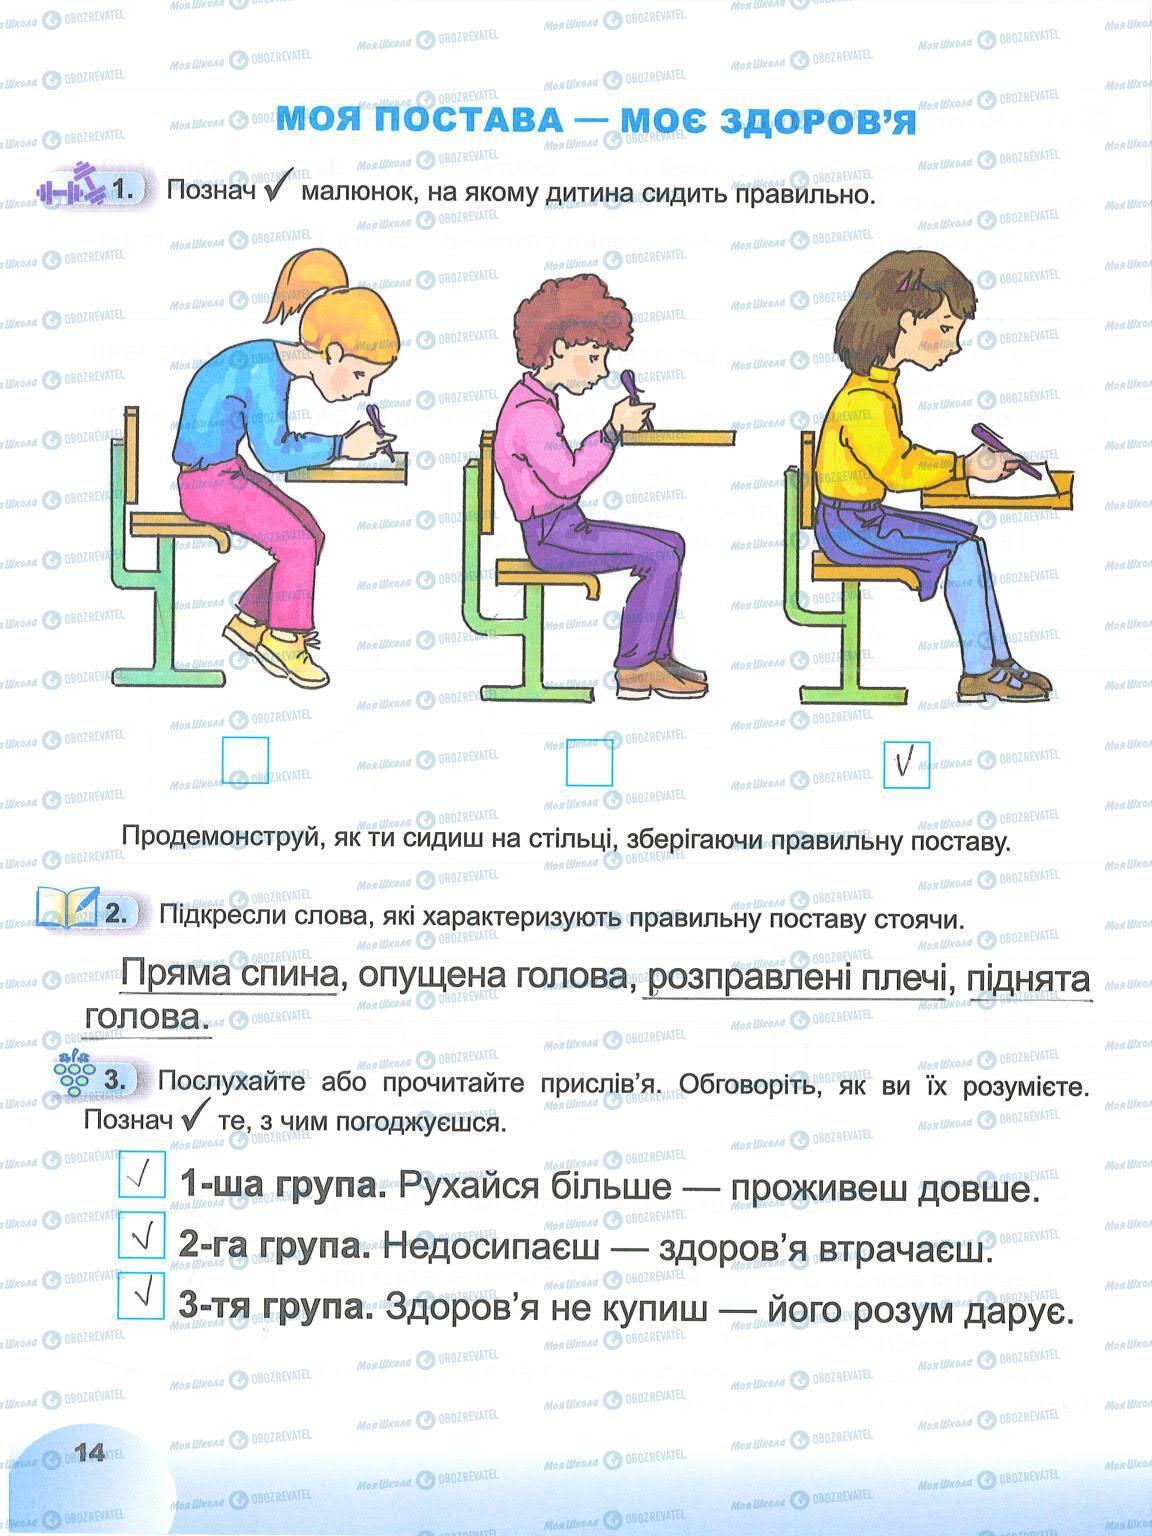 ГДЗ Я досліджую світ 1 клас сторінка 14